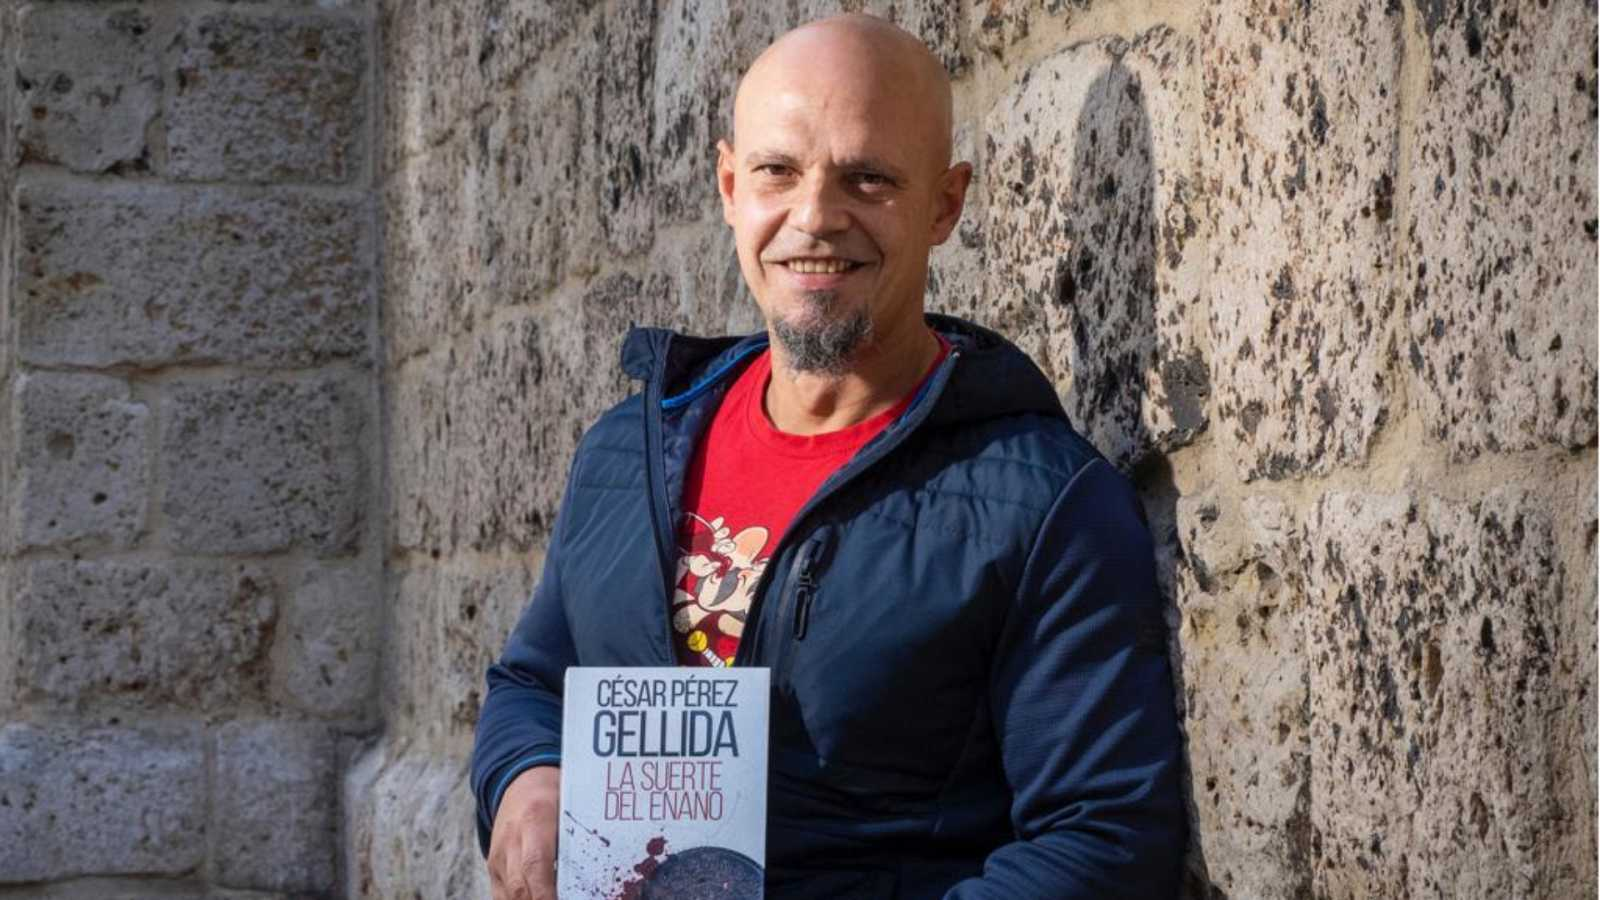 Libros de arena - Cesar Pérez Gellida presenta 'La suerte del enano' - Escuchar ahora